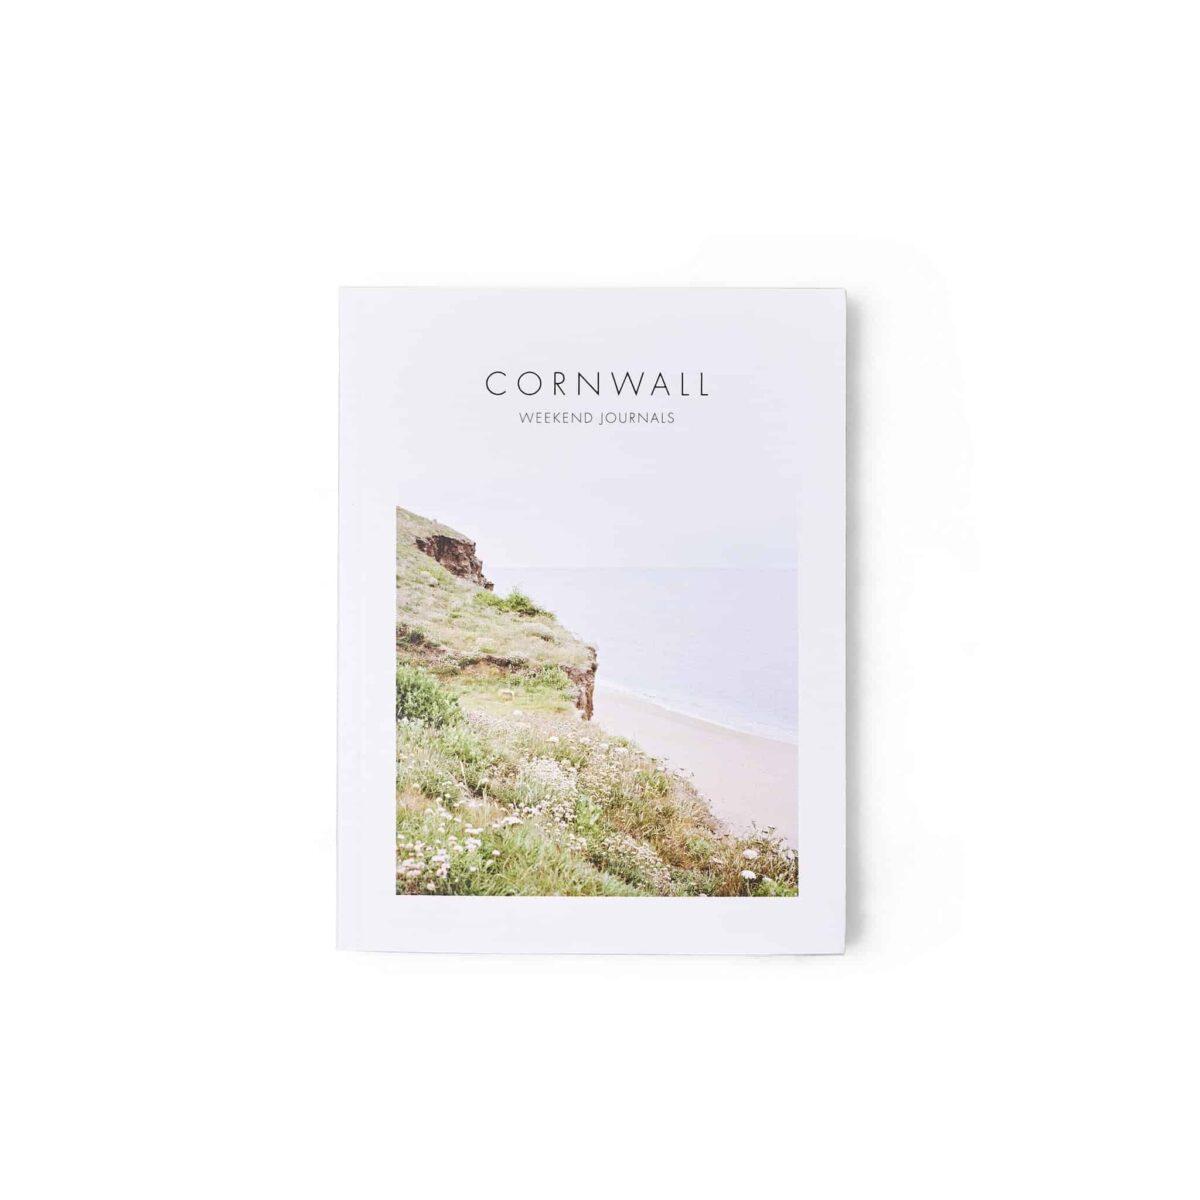 weekend-journal-cornwall-001